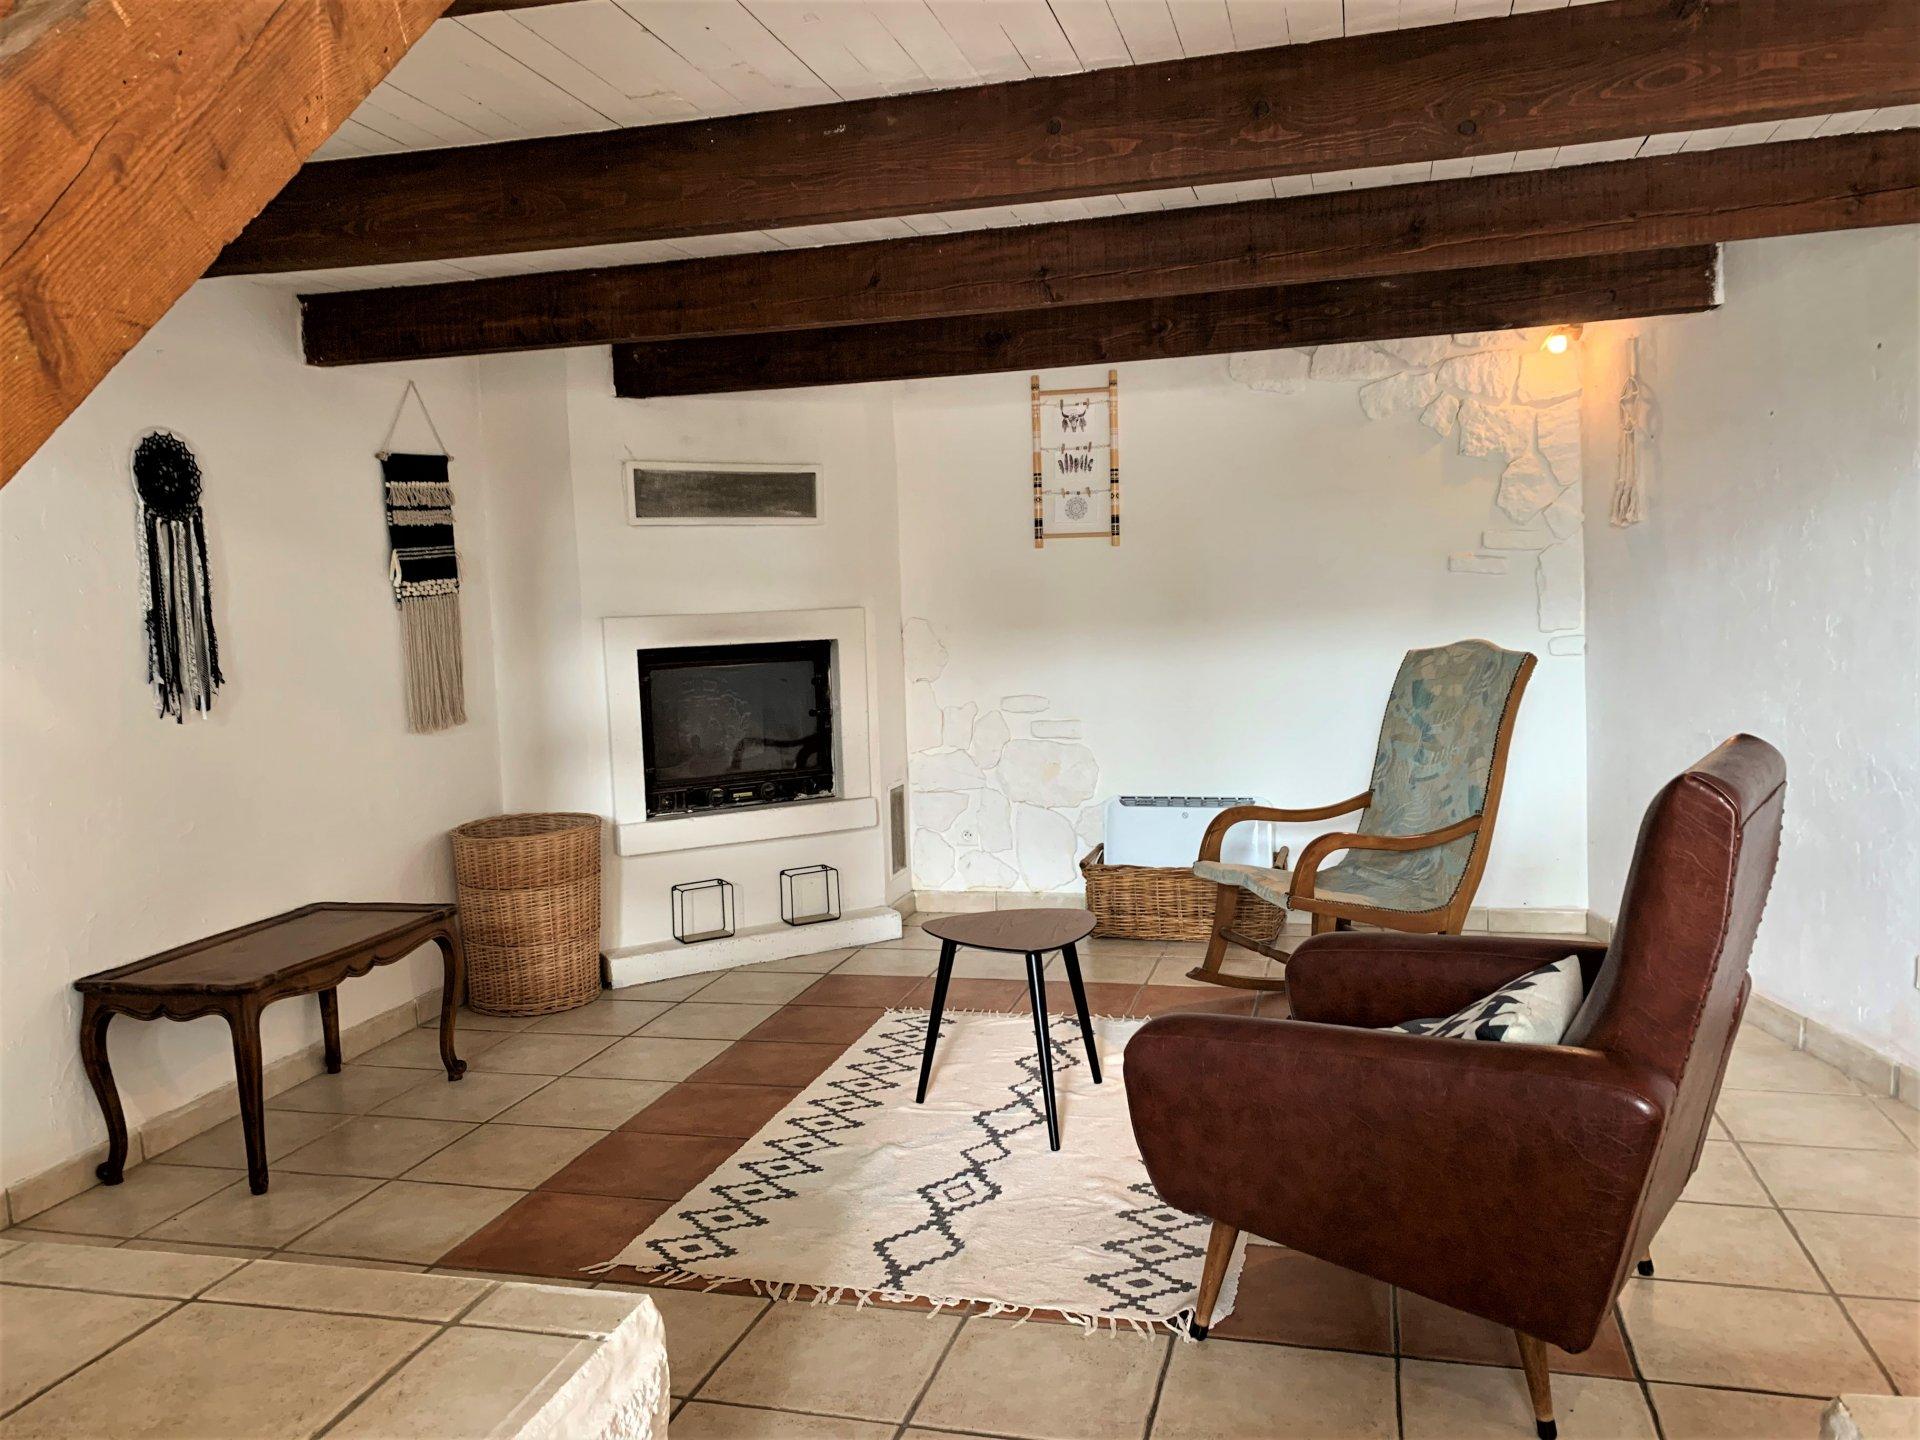 Maison étage avec terrasse et cour